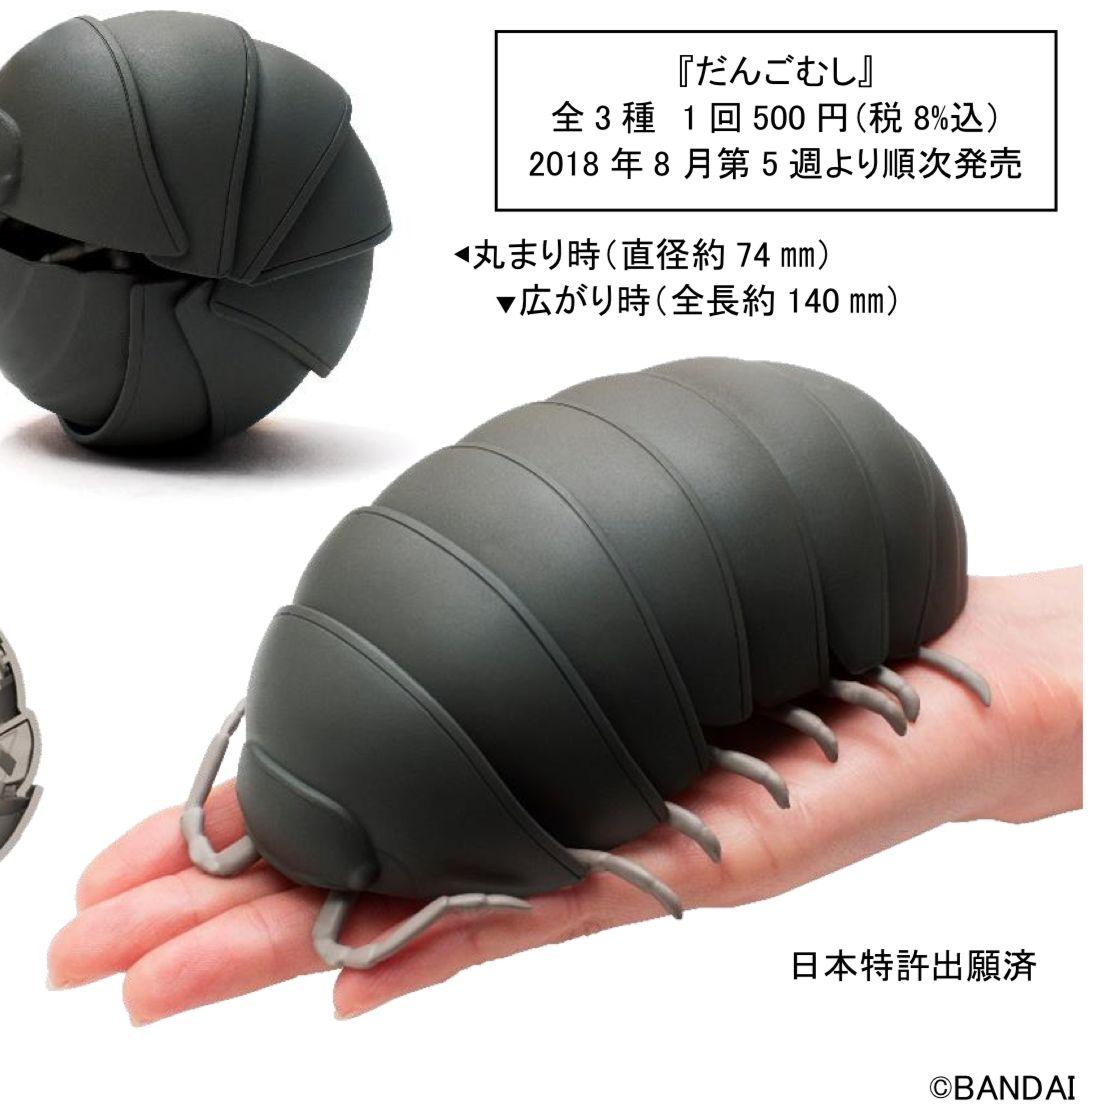 バンダイ、ダンゴムシを完全再現したガシャポン(なぜ……) プラスチック製カプセルを使用せず、自販機から丸まった状態でそのまま転がり排出(なぜ……) 開発担当は昆虫が苦手(なぜ……) https://t.co/Du1PAGMp48